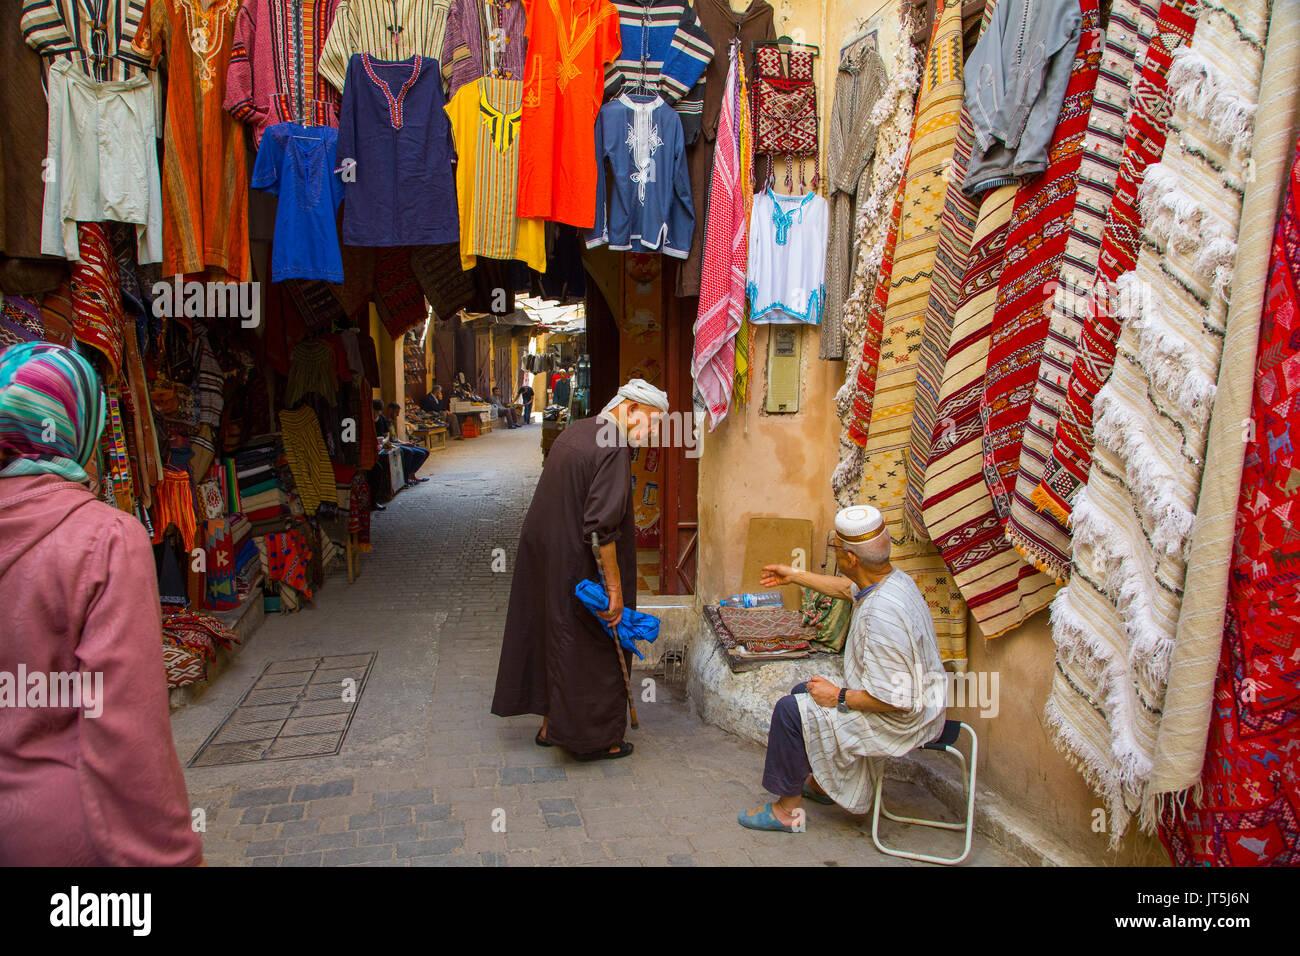 Escenas de la vida de la calle. Souk Medina de Fez, Fes el Bali. Marruecos, Magreb, África del Norte Imagen De Stock